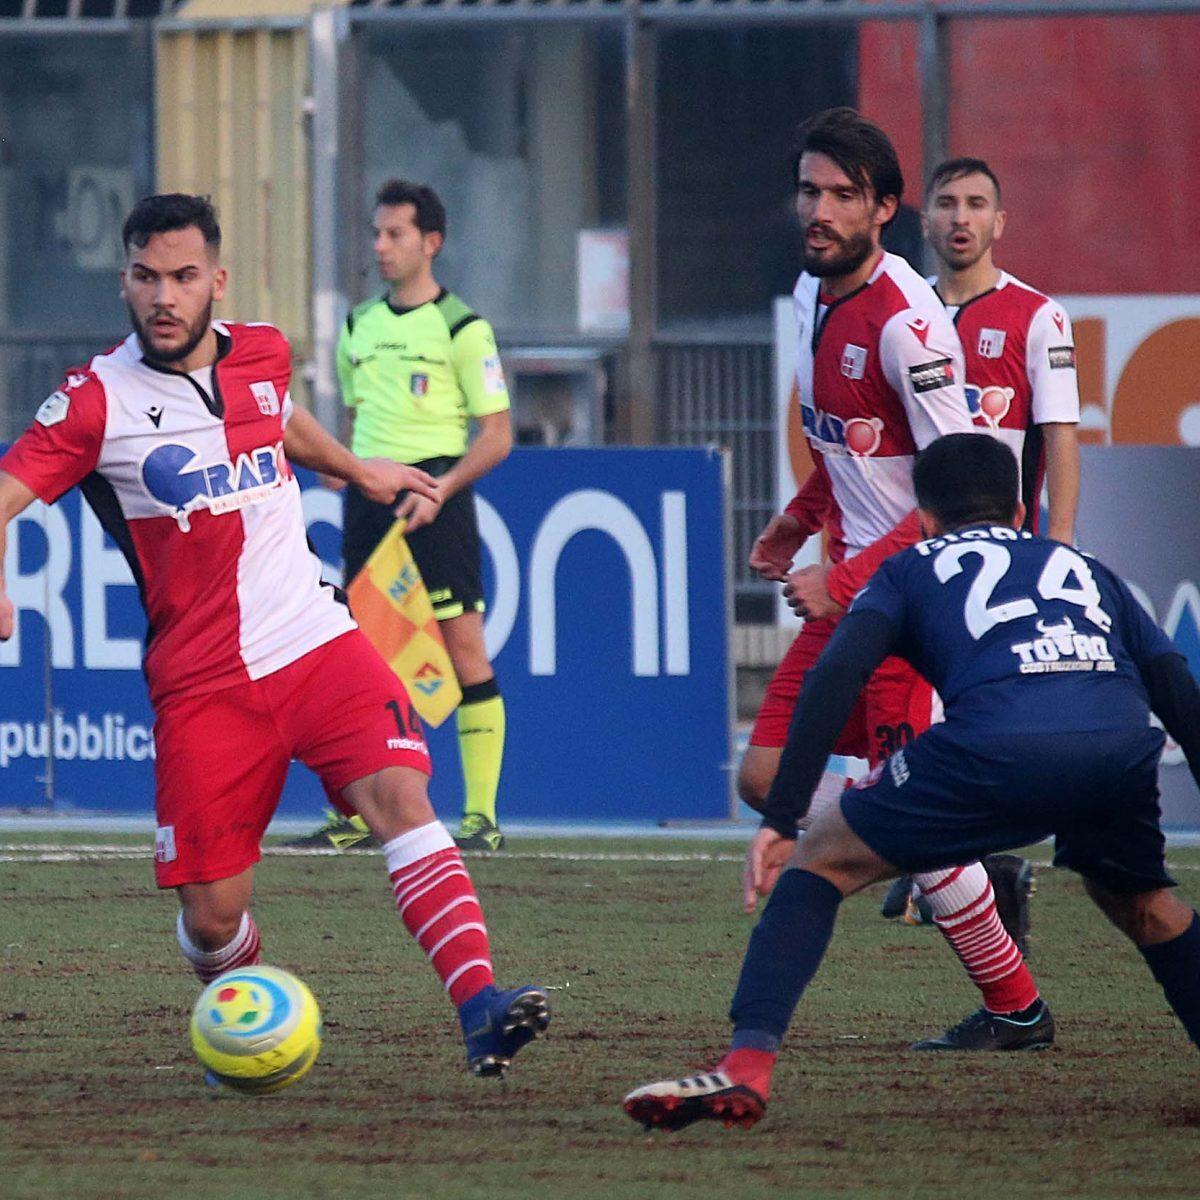 Calcio C, il Rimini inizia il 2020 subito con una bella vittoria